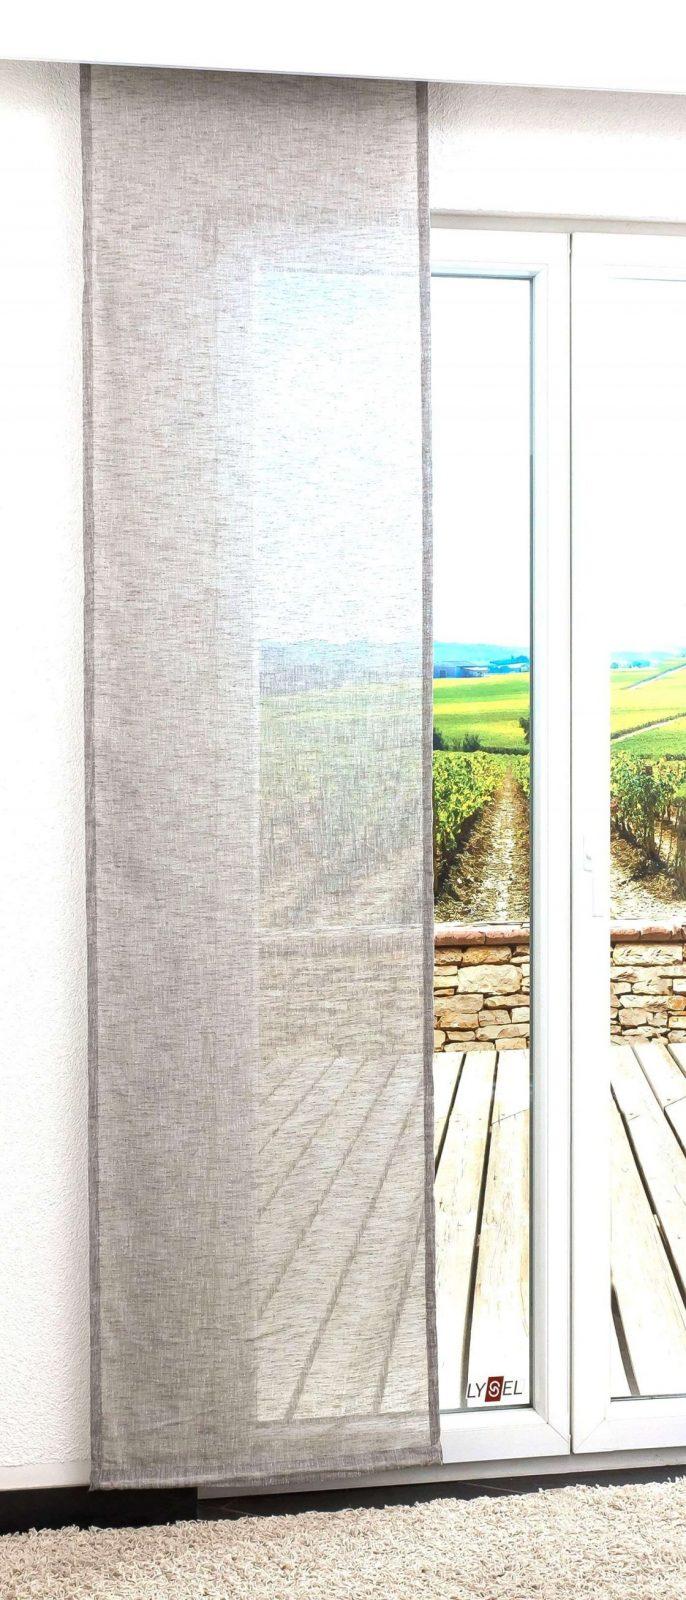 Sichtschutz Garten Plane Schön 35 Neueste Balkon Sichtschutz Stoff von Paravent Selber Bauen Stoff Bild